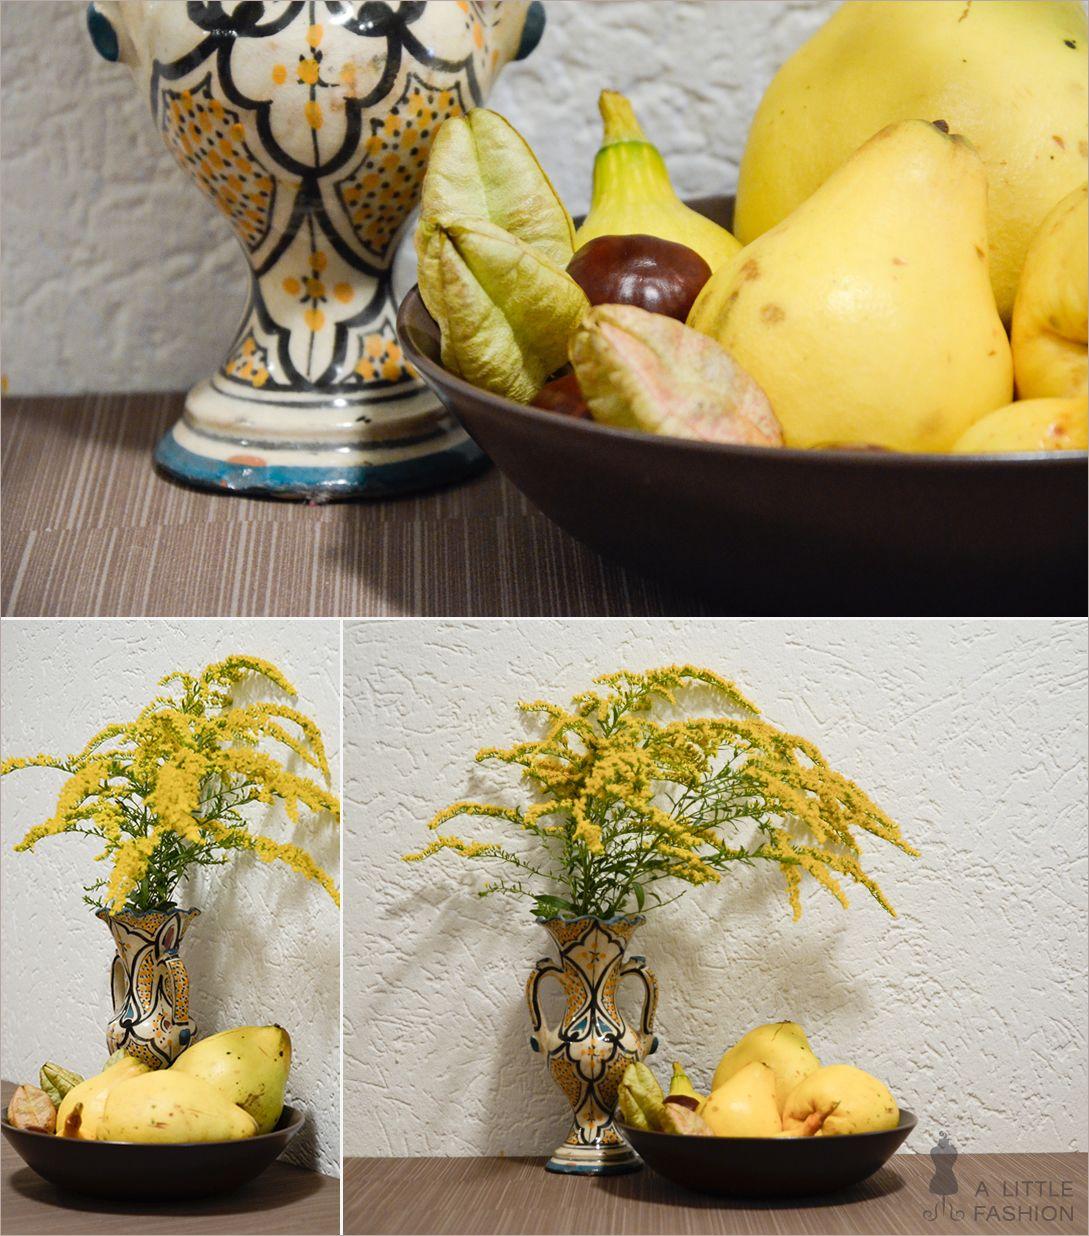 Herbst-Dekoration auf vollen Touren… Tonvase (Flohmarktfund), Schale (IKEA), Blumen, Quitten, Kastanien, Nüsse & Co. #wohnen #einrichtung #ideen #deko #möbel #schlafzimmer #inspiration #wohnzimmer #living #room #kitchen #filizity